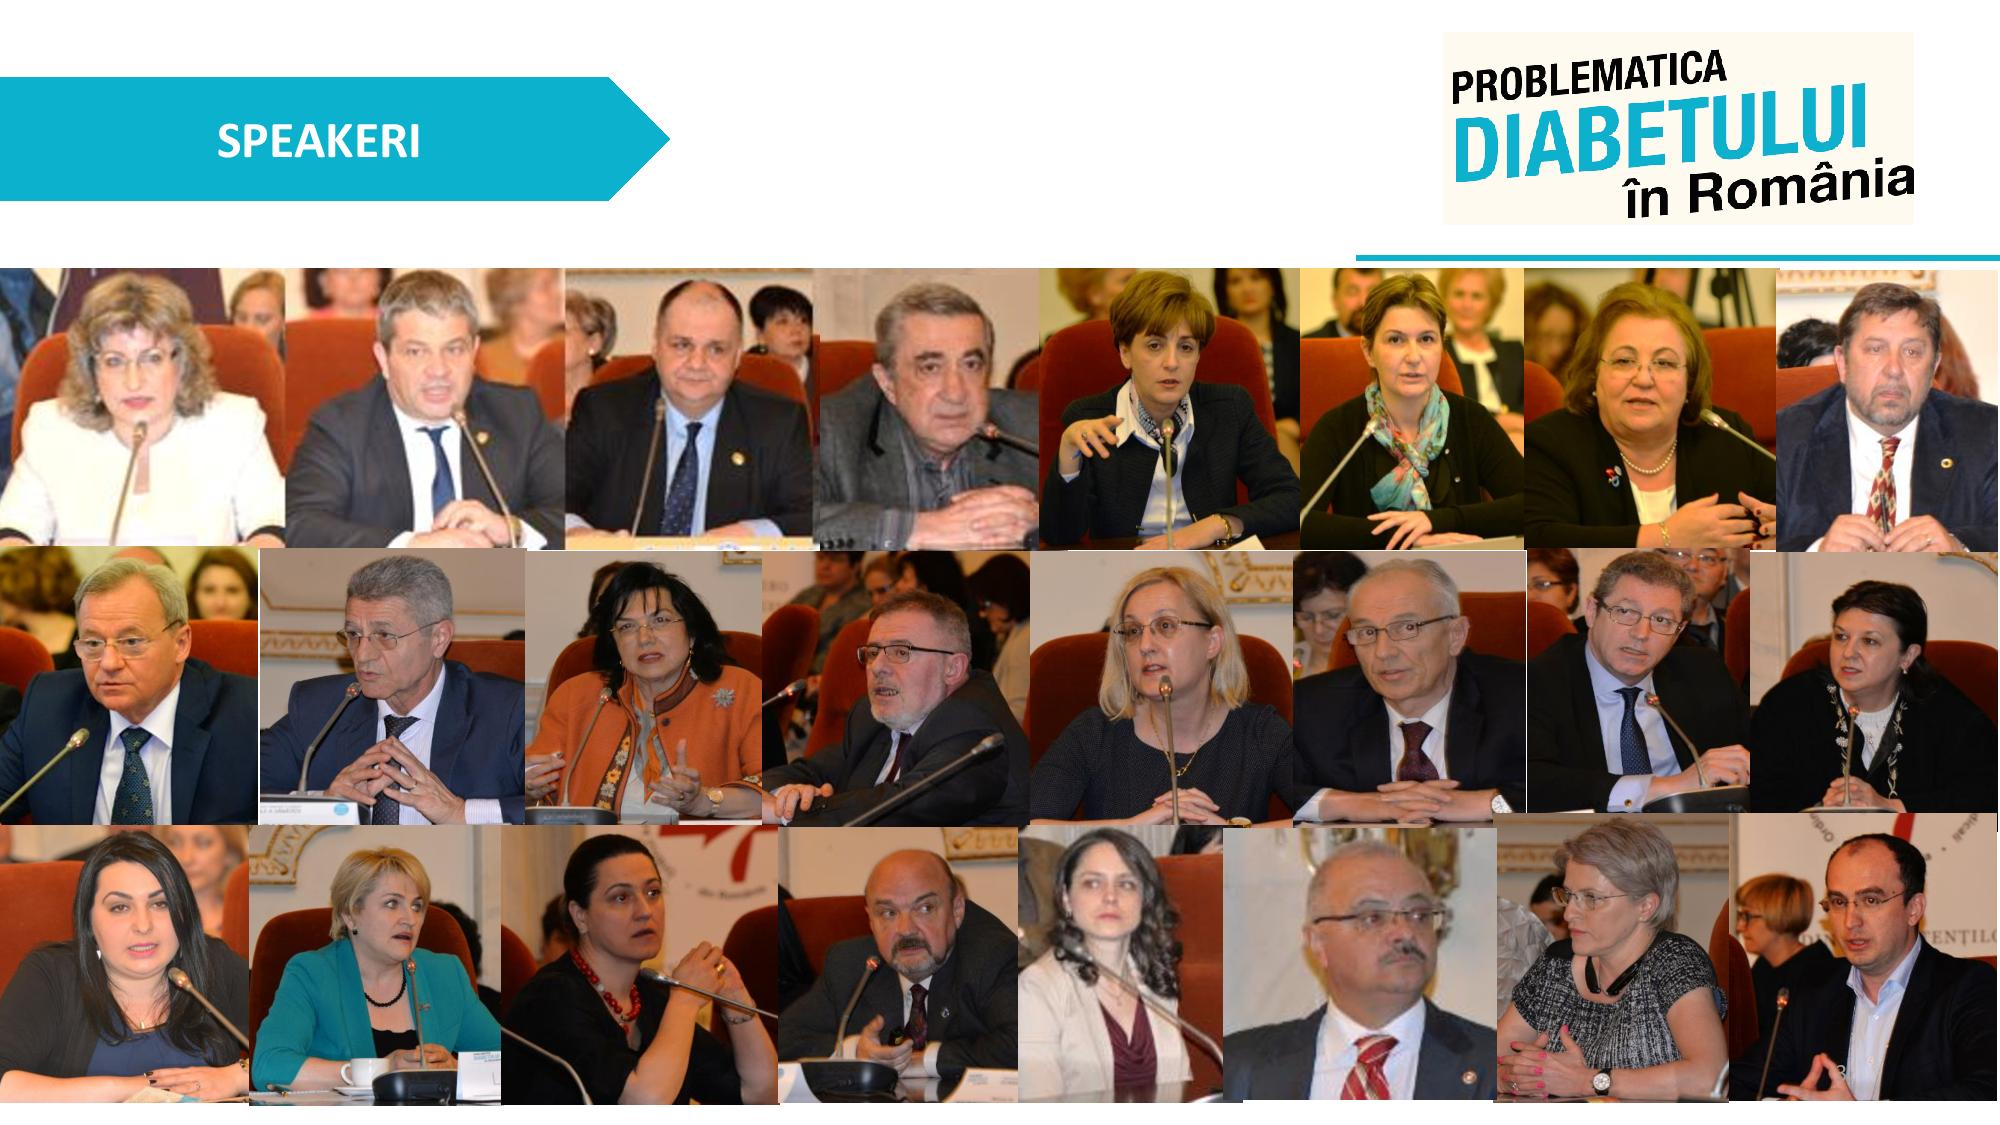 Problematica Diabetului in Romania 2016-page-003